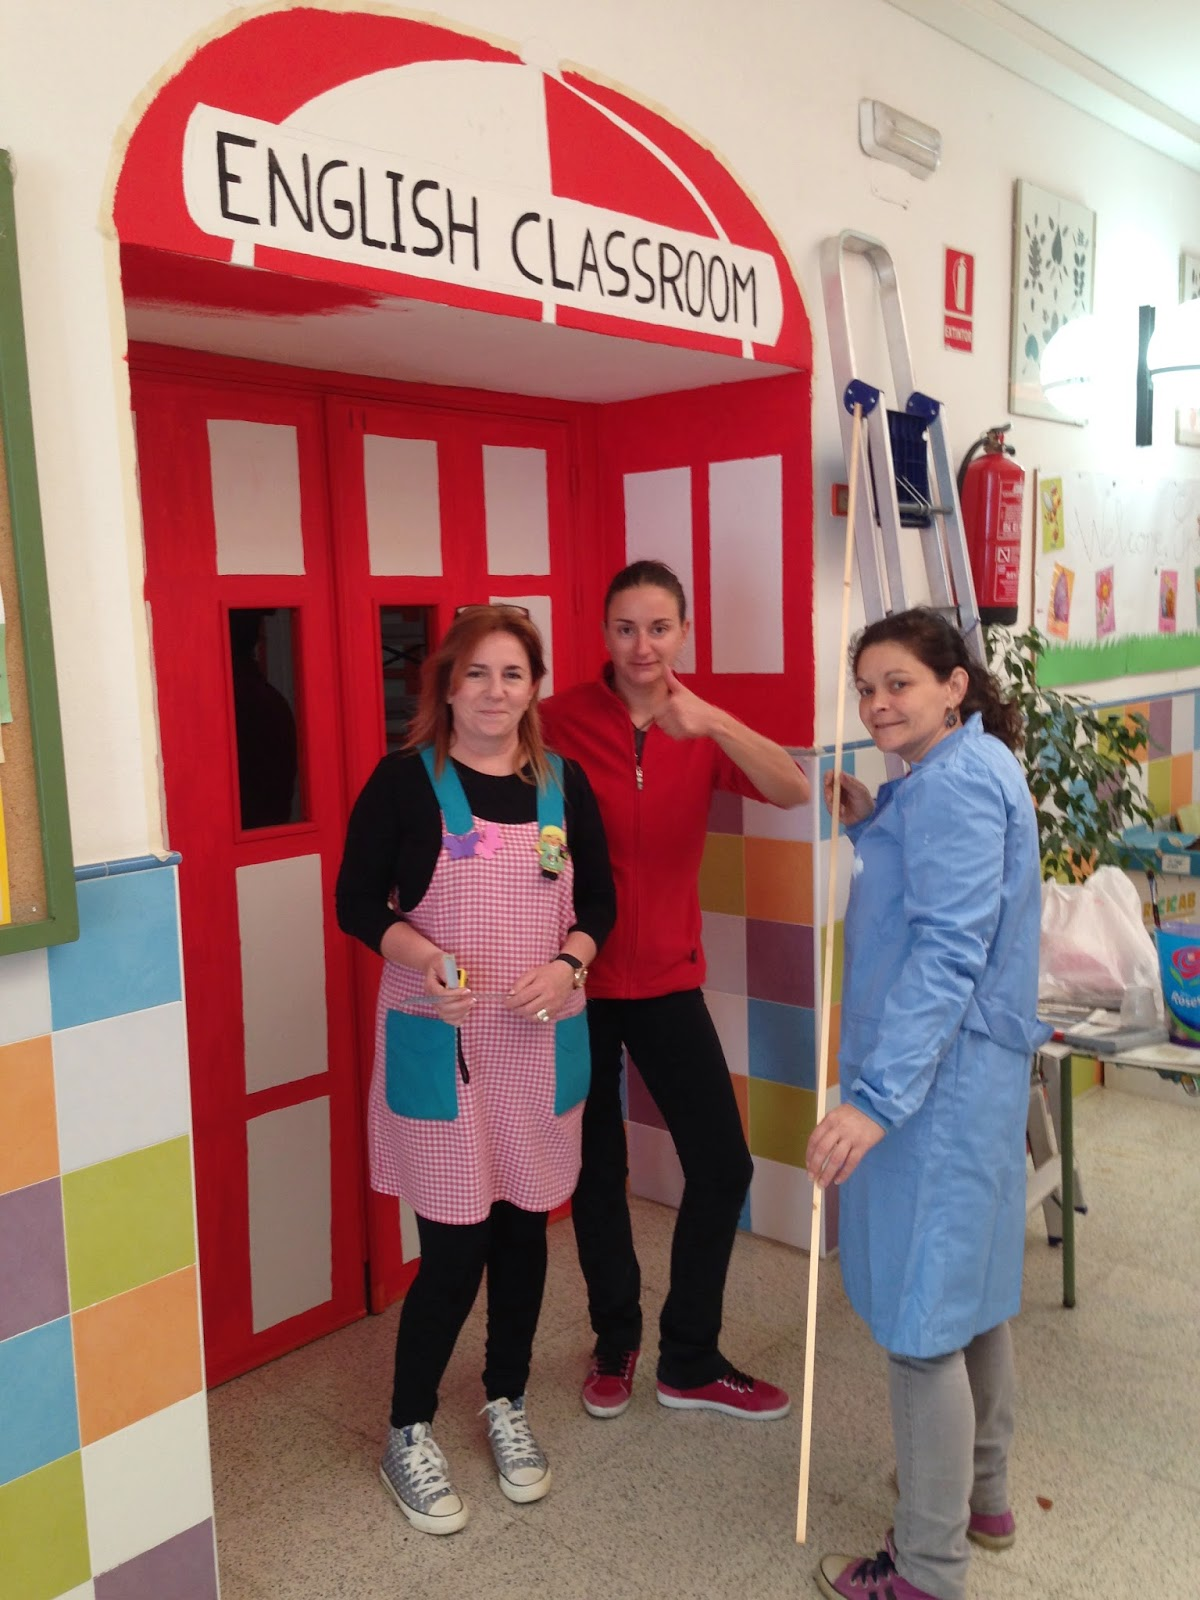 decorar en ingles madres y padres delegadas os del poeta decorando la entrada del aula de ingl s